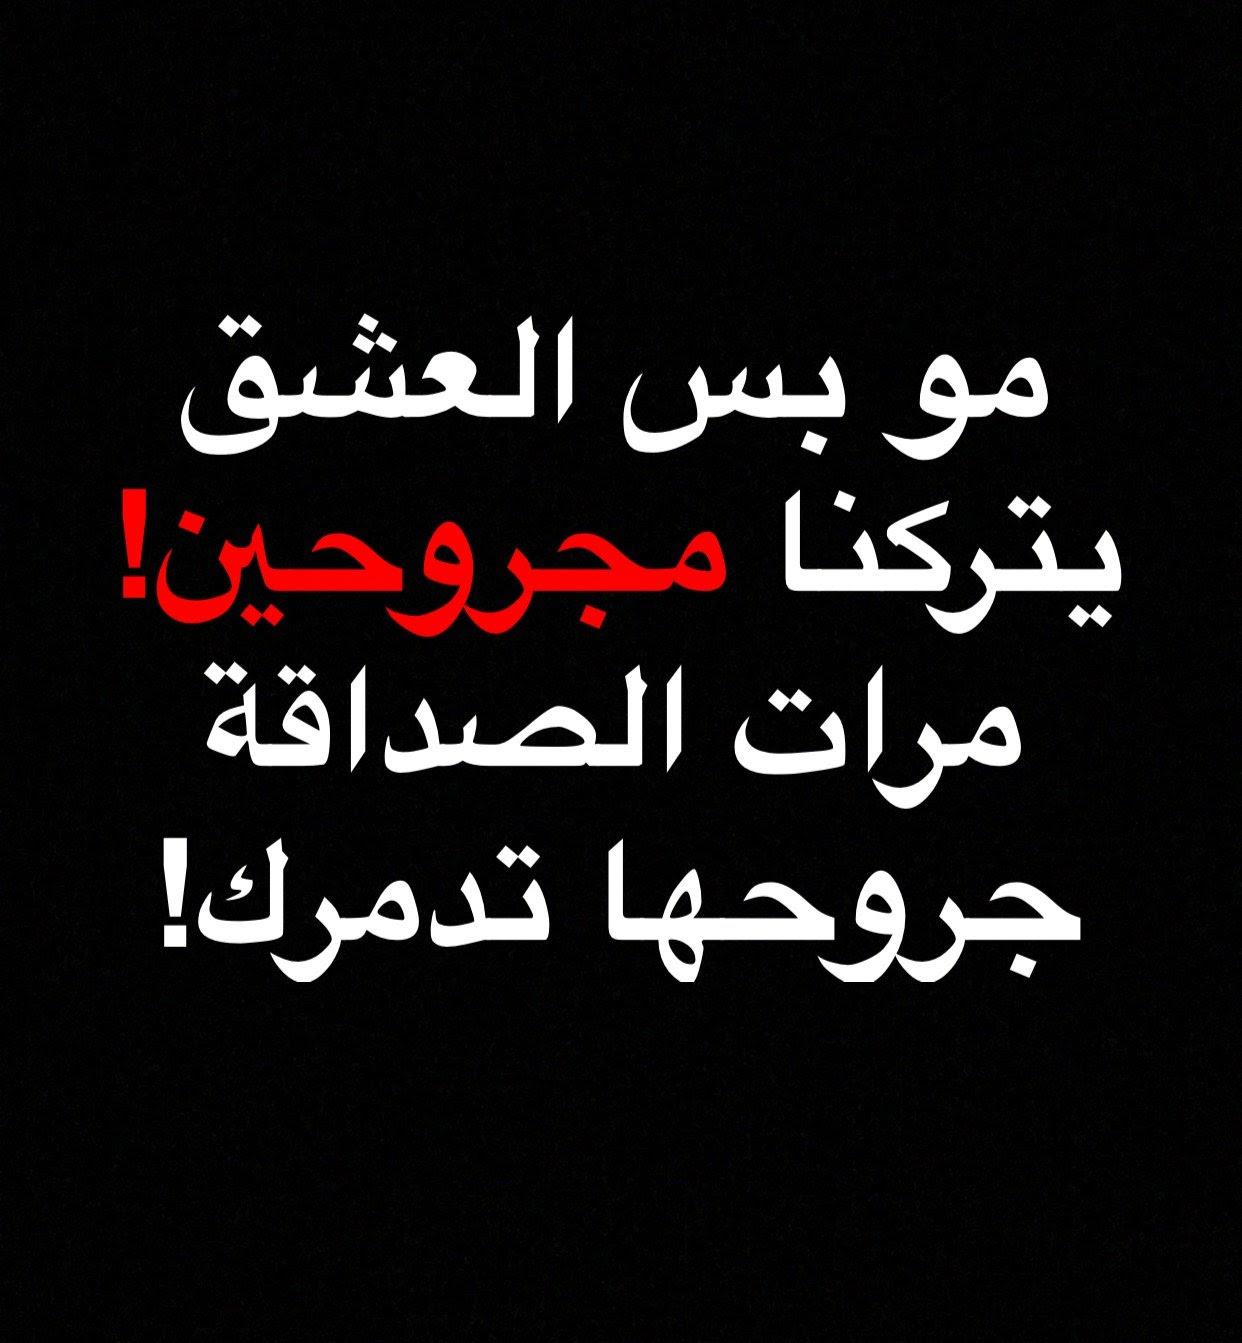 شعر شعبي عراقي عن الصديق المخلص Shaer Blog